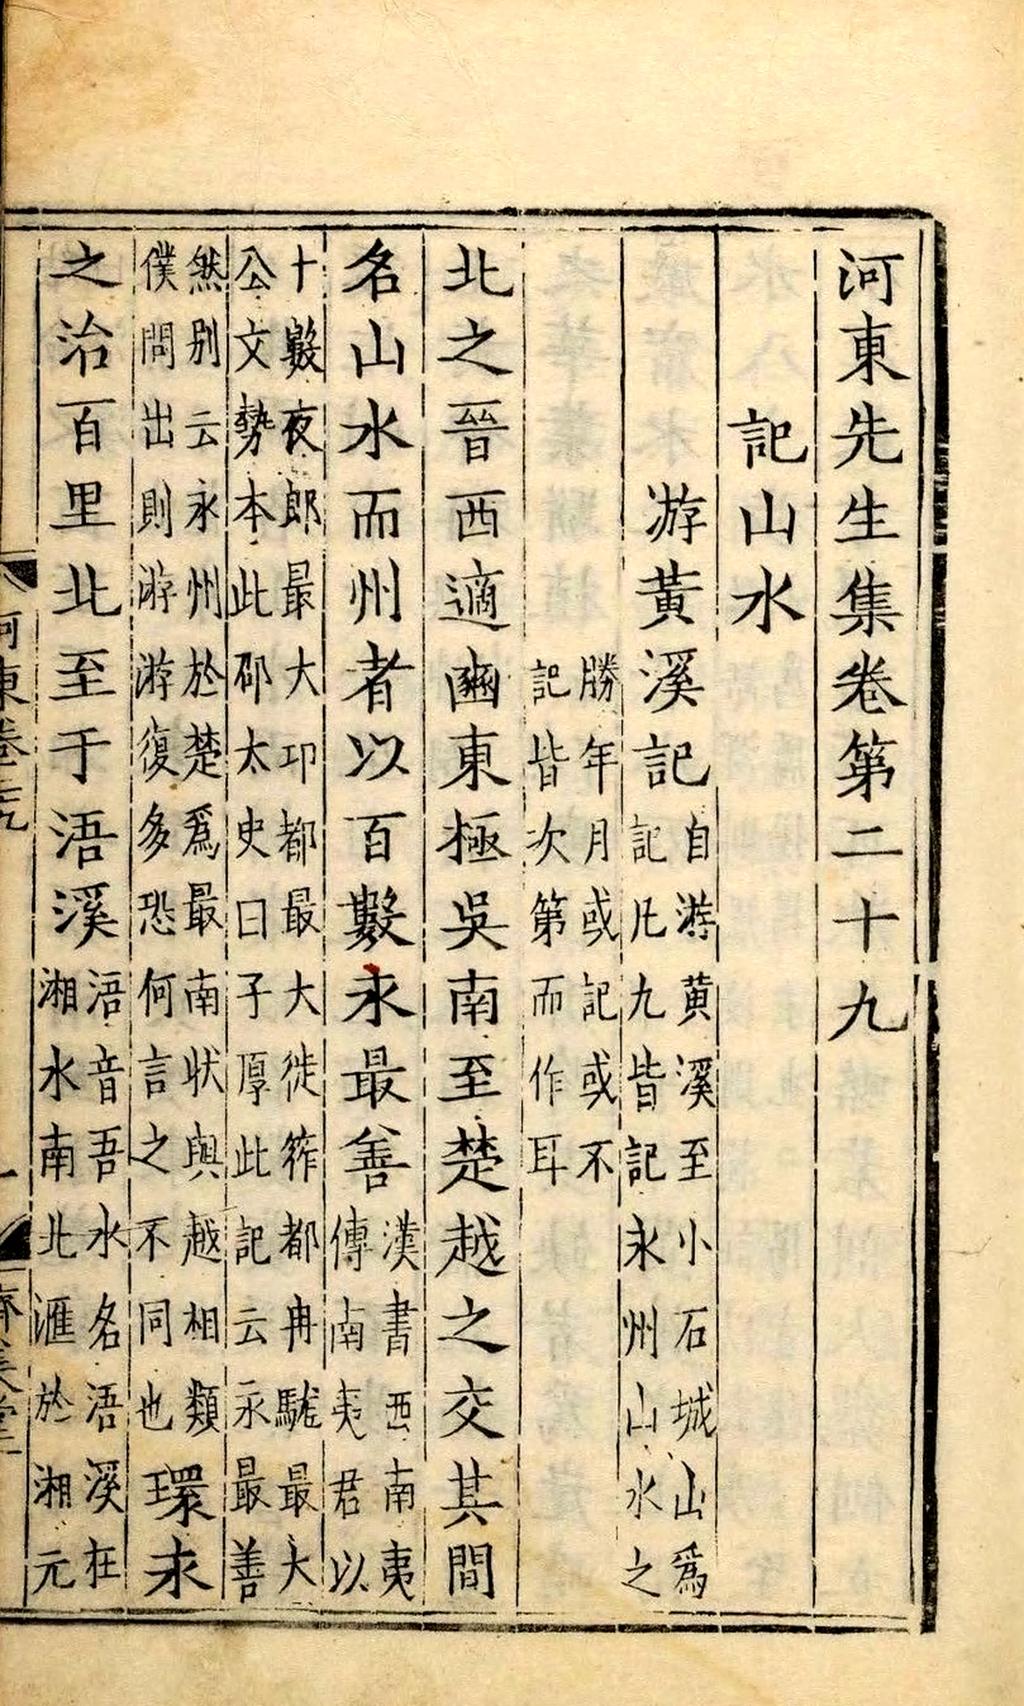 河东先生集29卷1.jpg